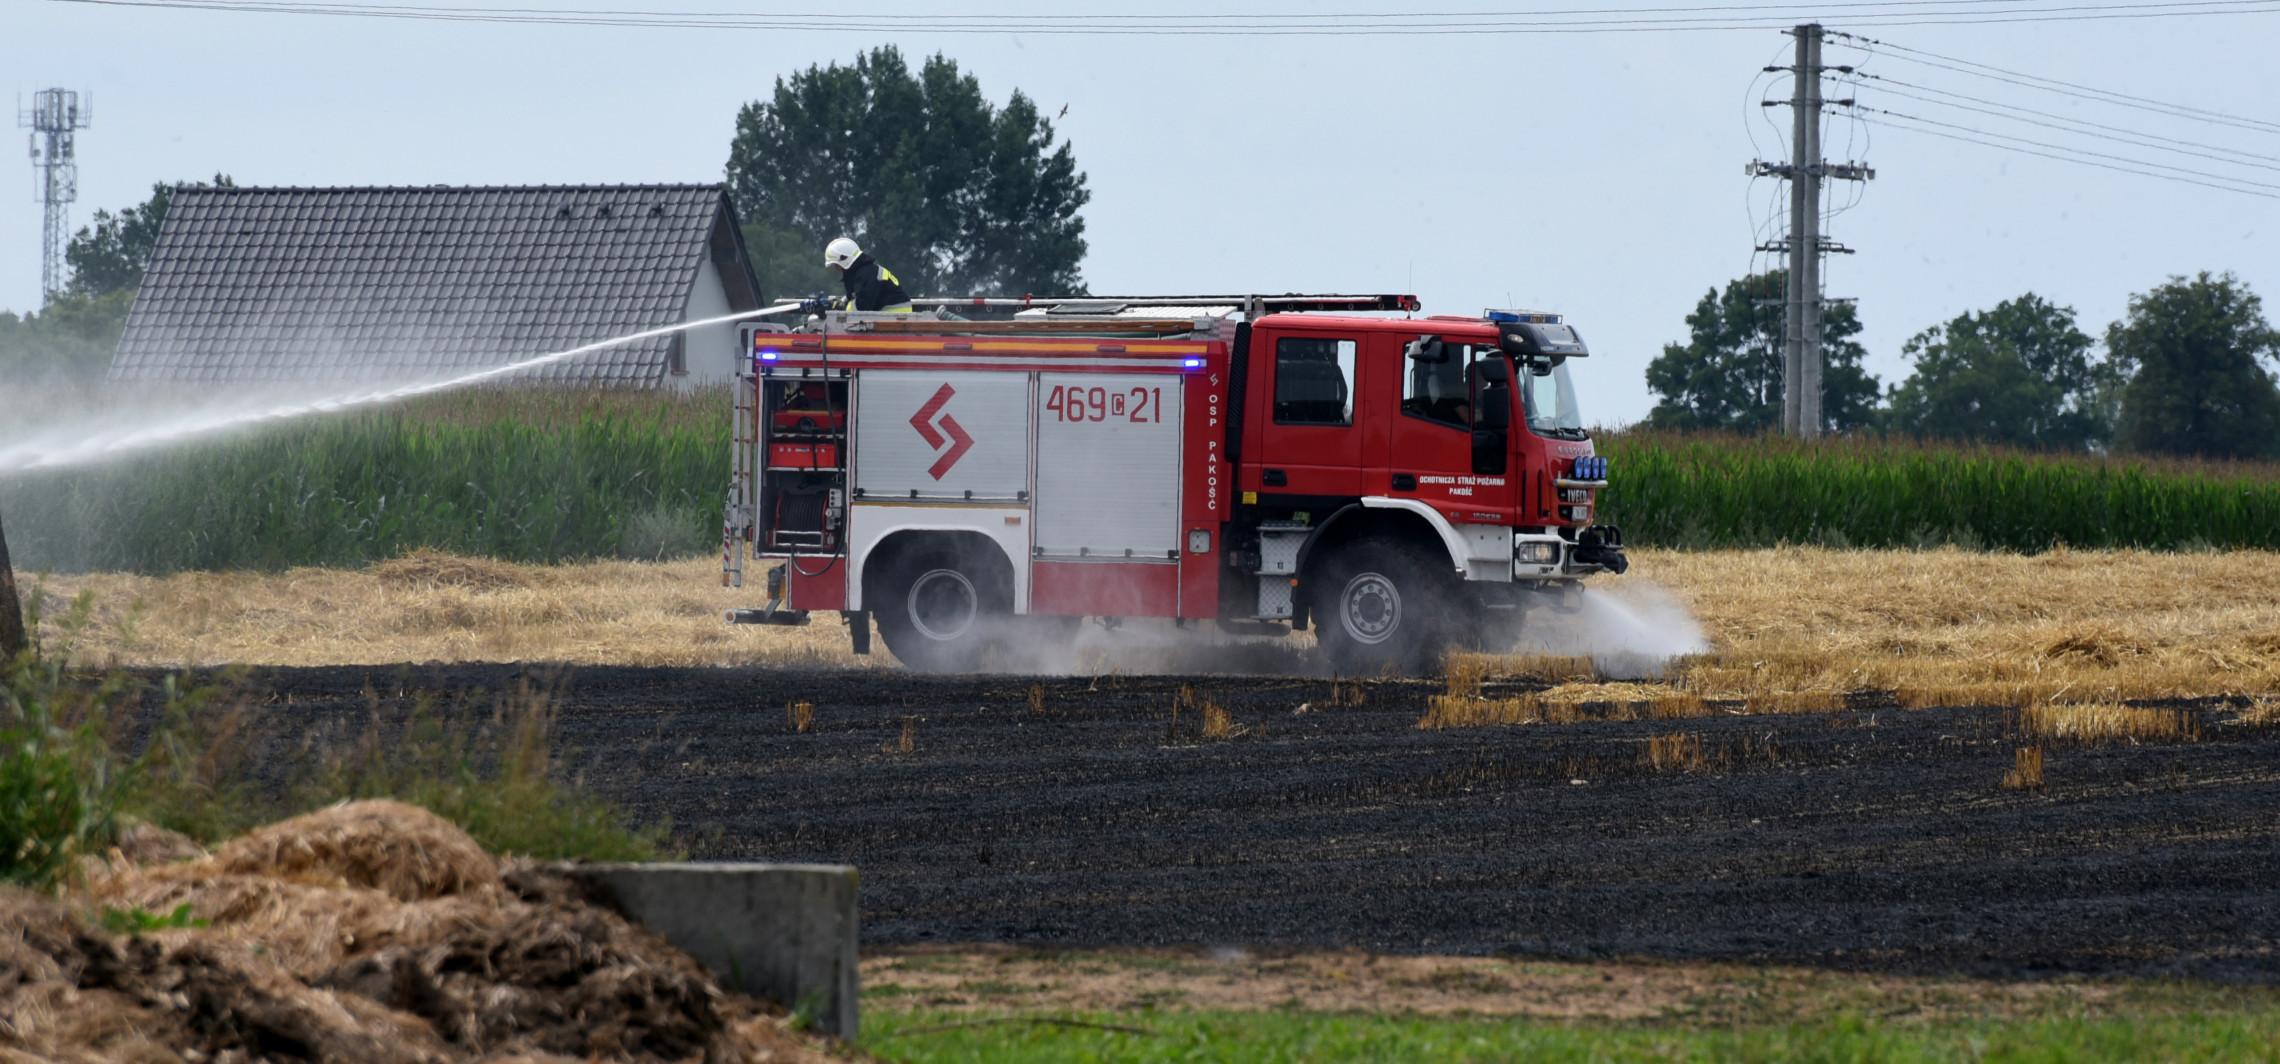 Pakość - Pożar na polu koło Pakości. Strażacy w akcji